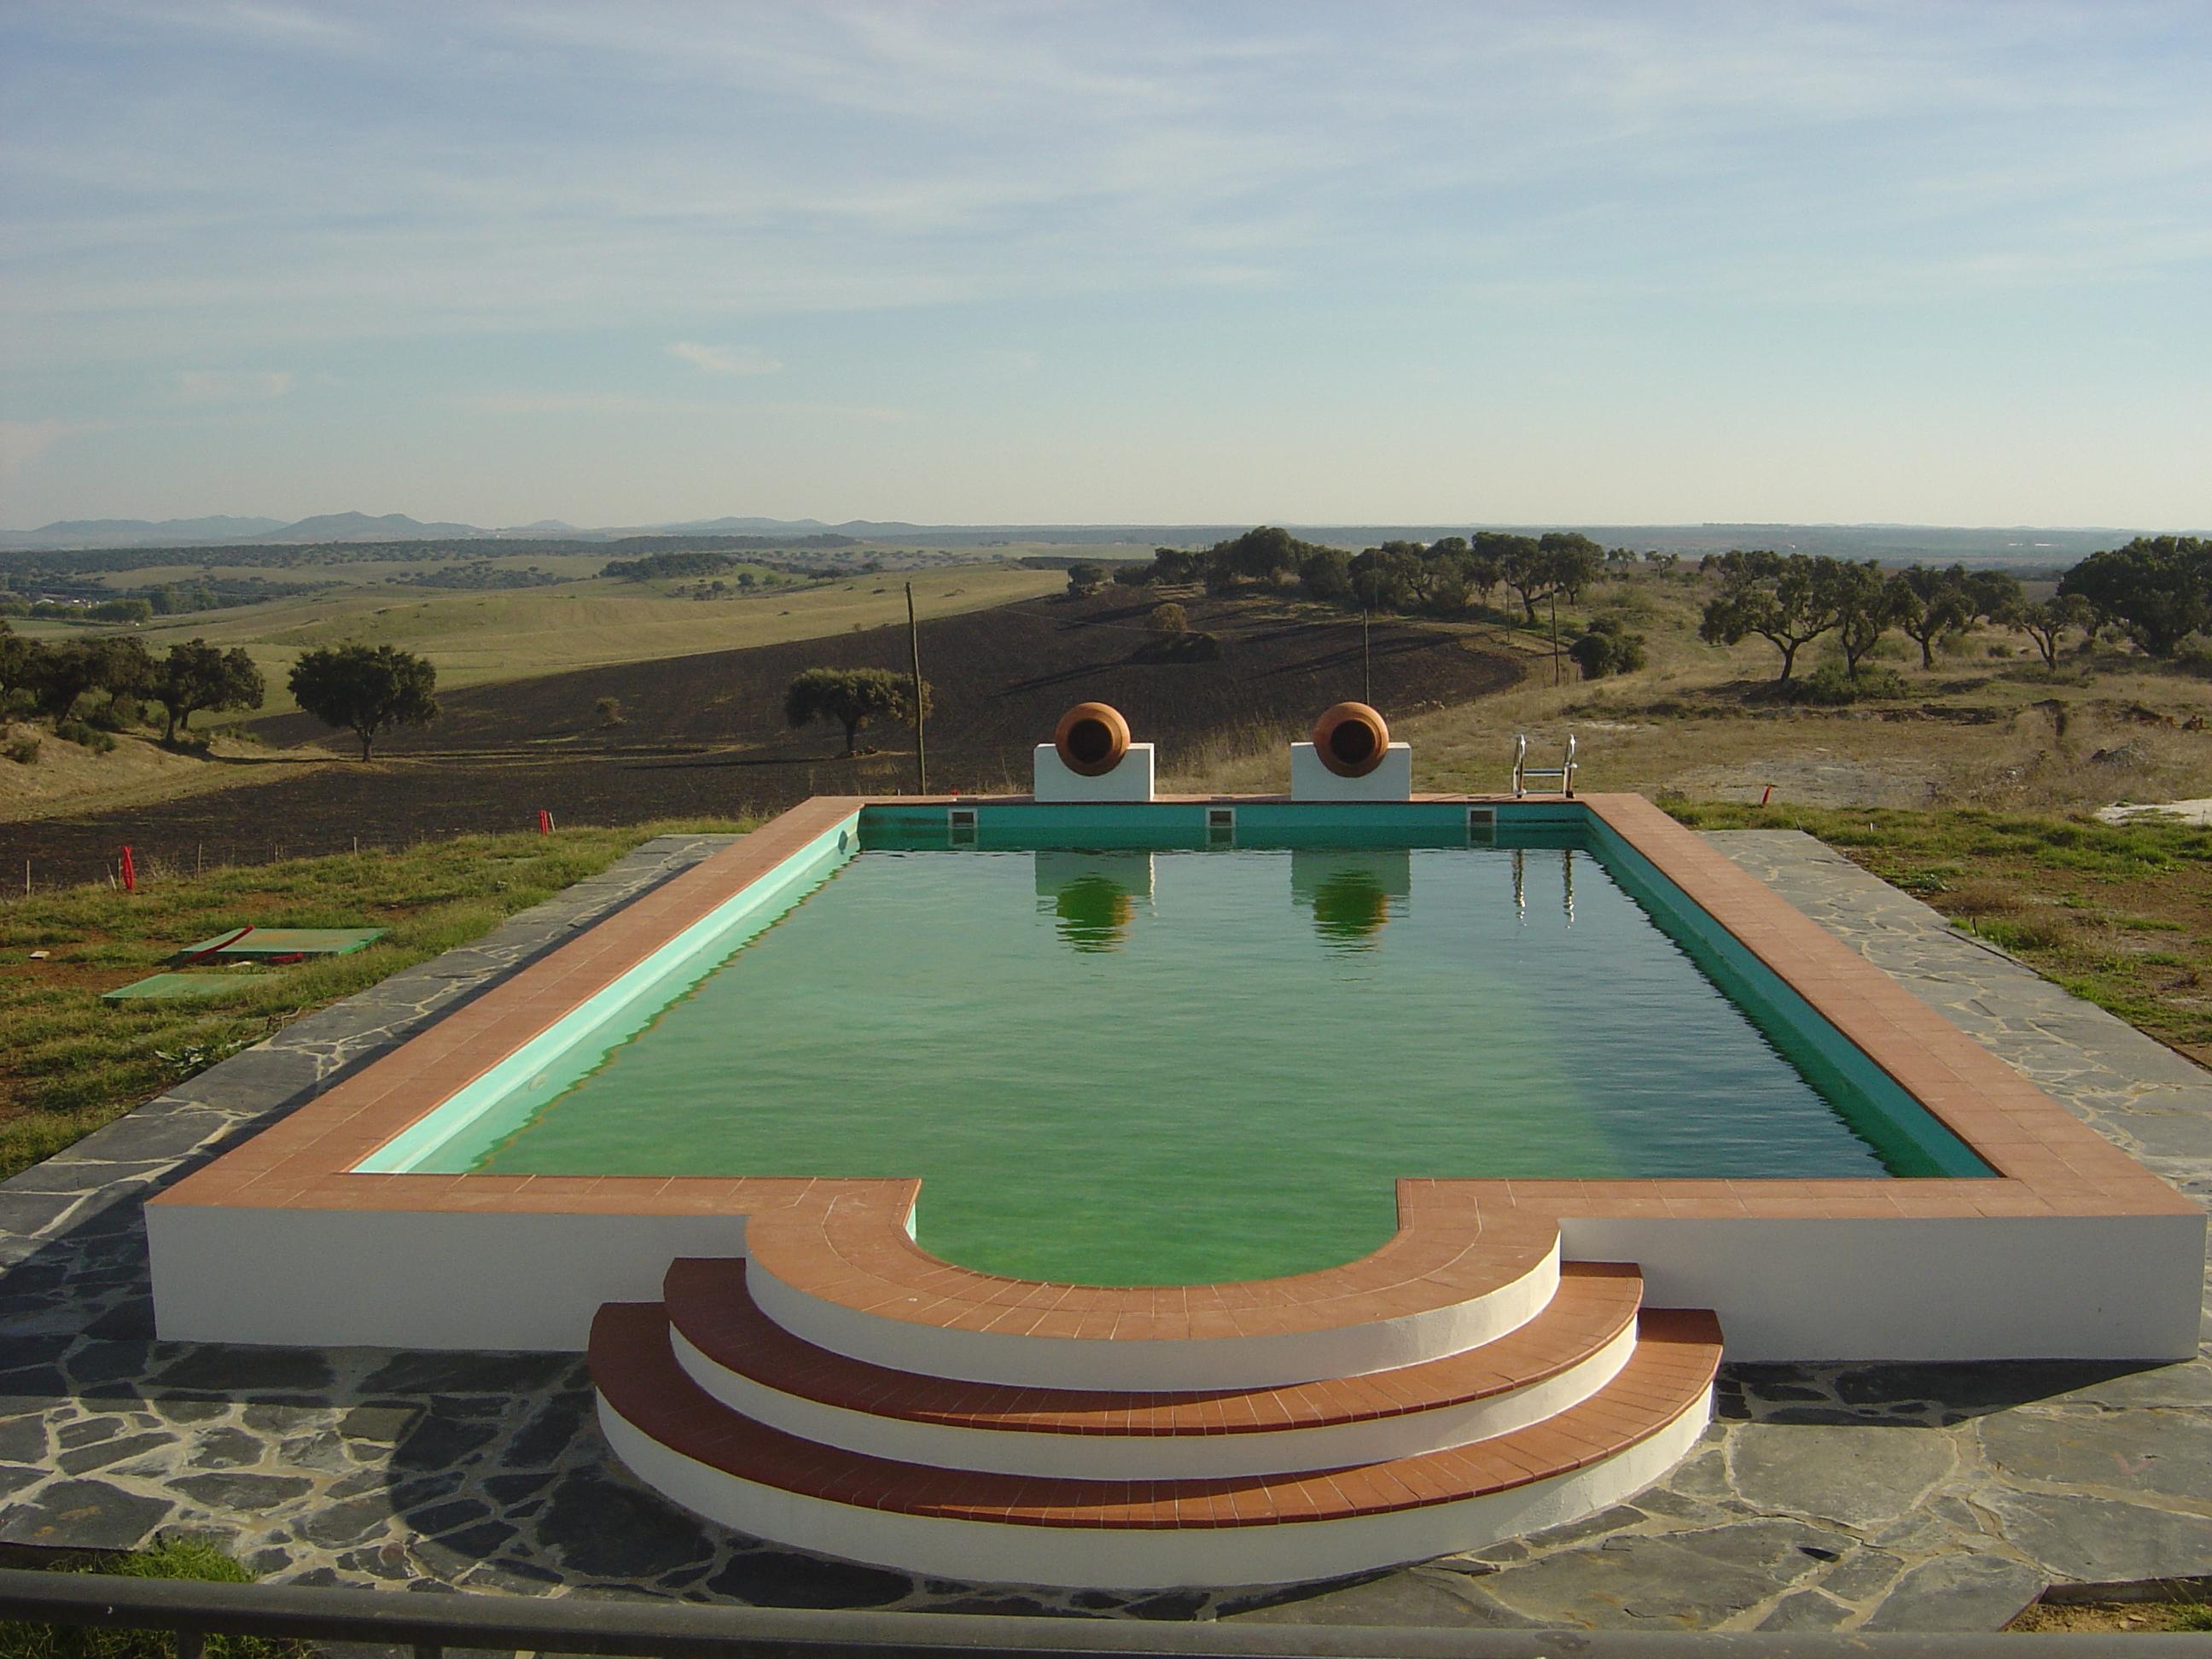 Piscinas ibericapool construcci n de piscinas de obra for Construccion de piscinas de obra elevadas